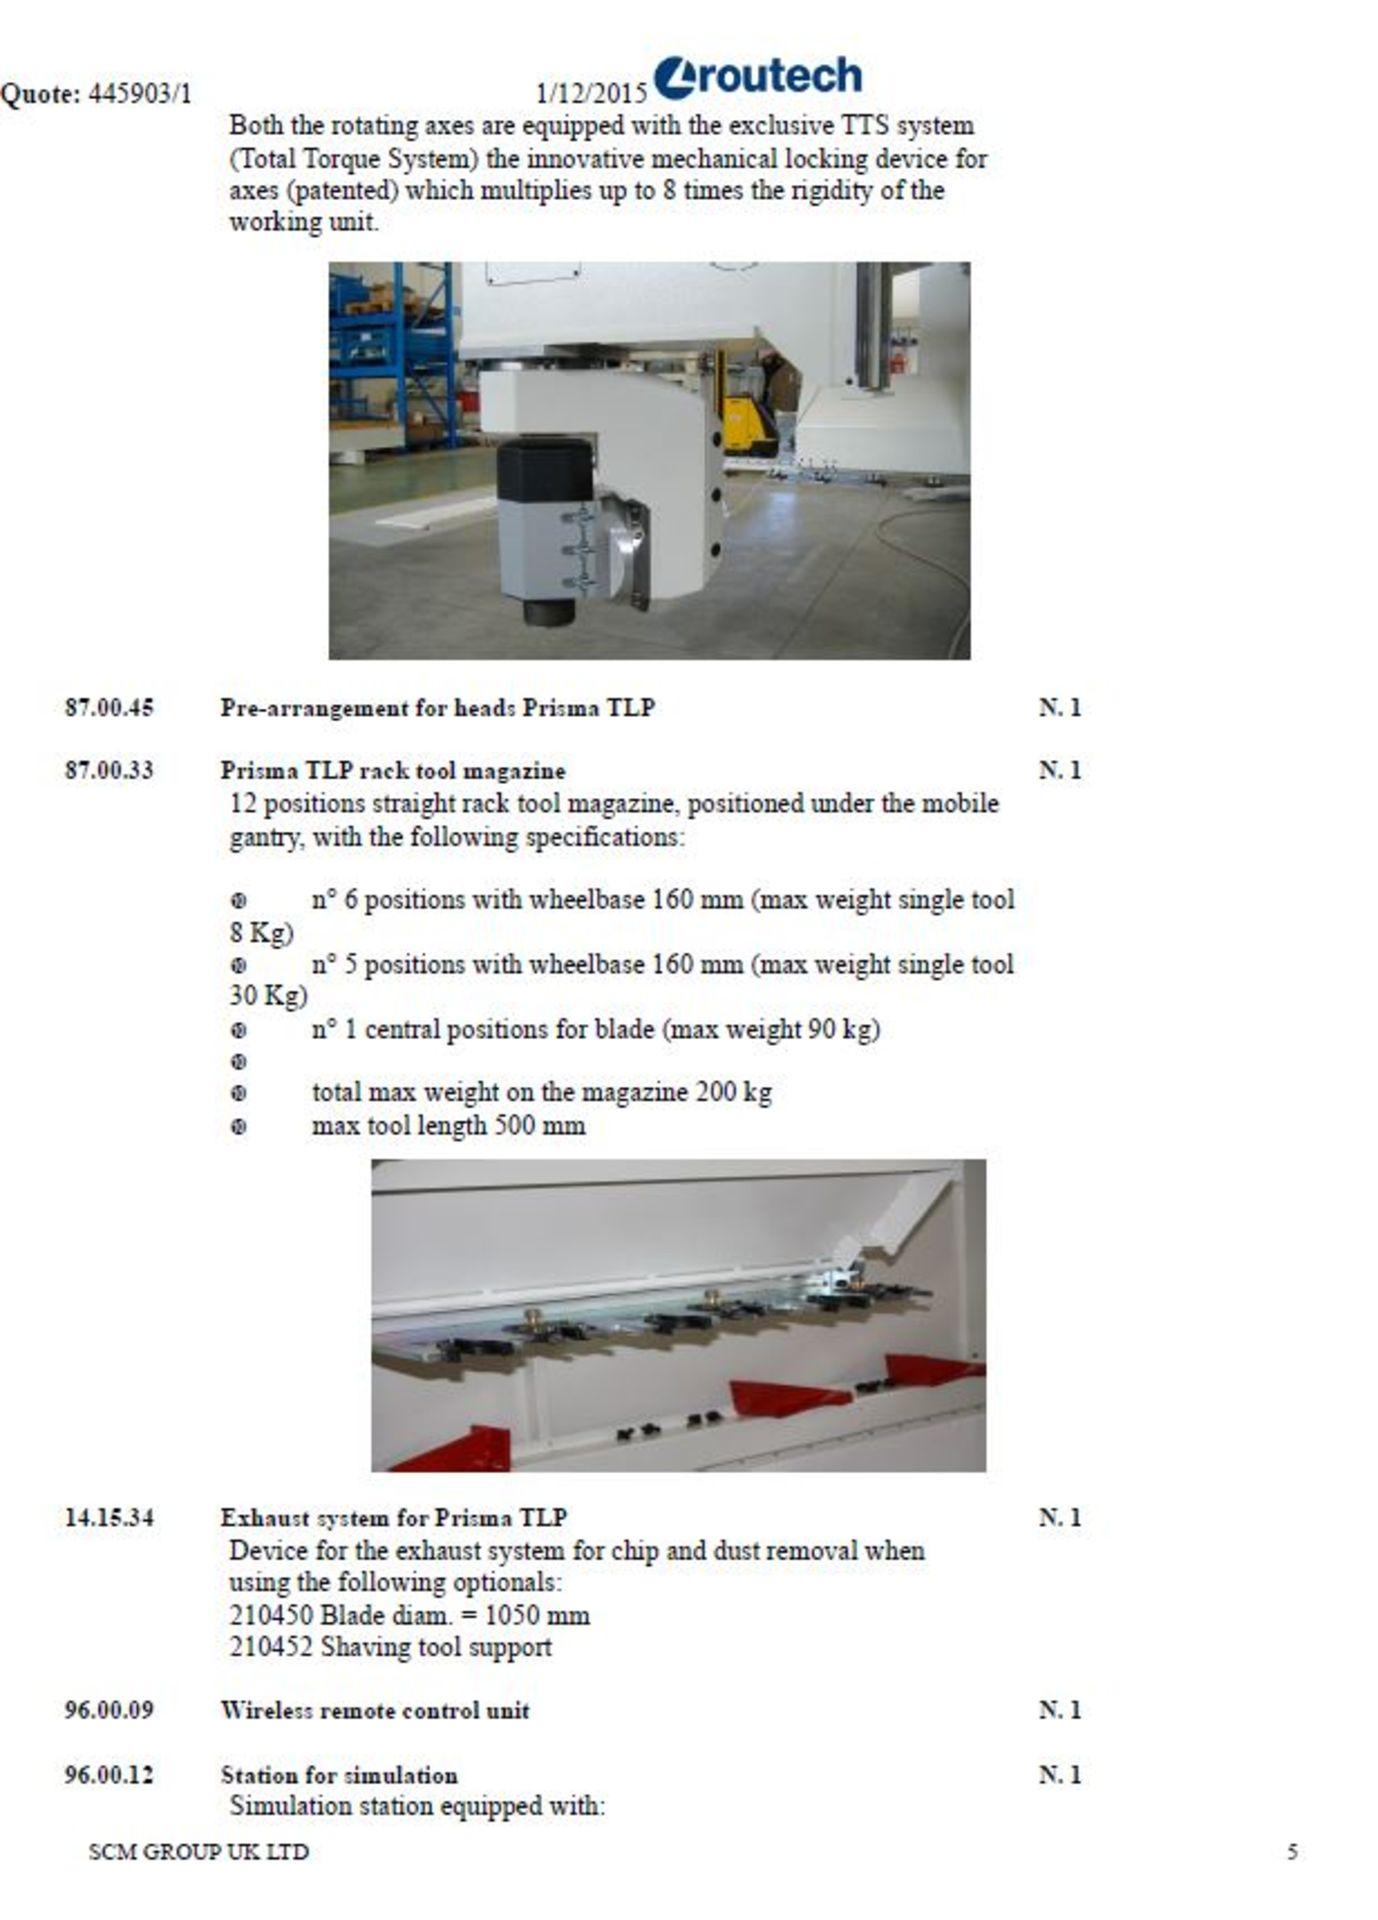 SCM AREA/00224 Routech CNC router - Image 29 of 29